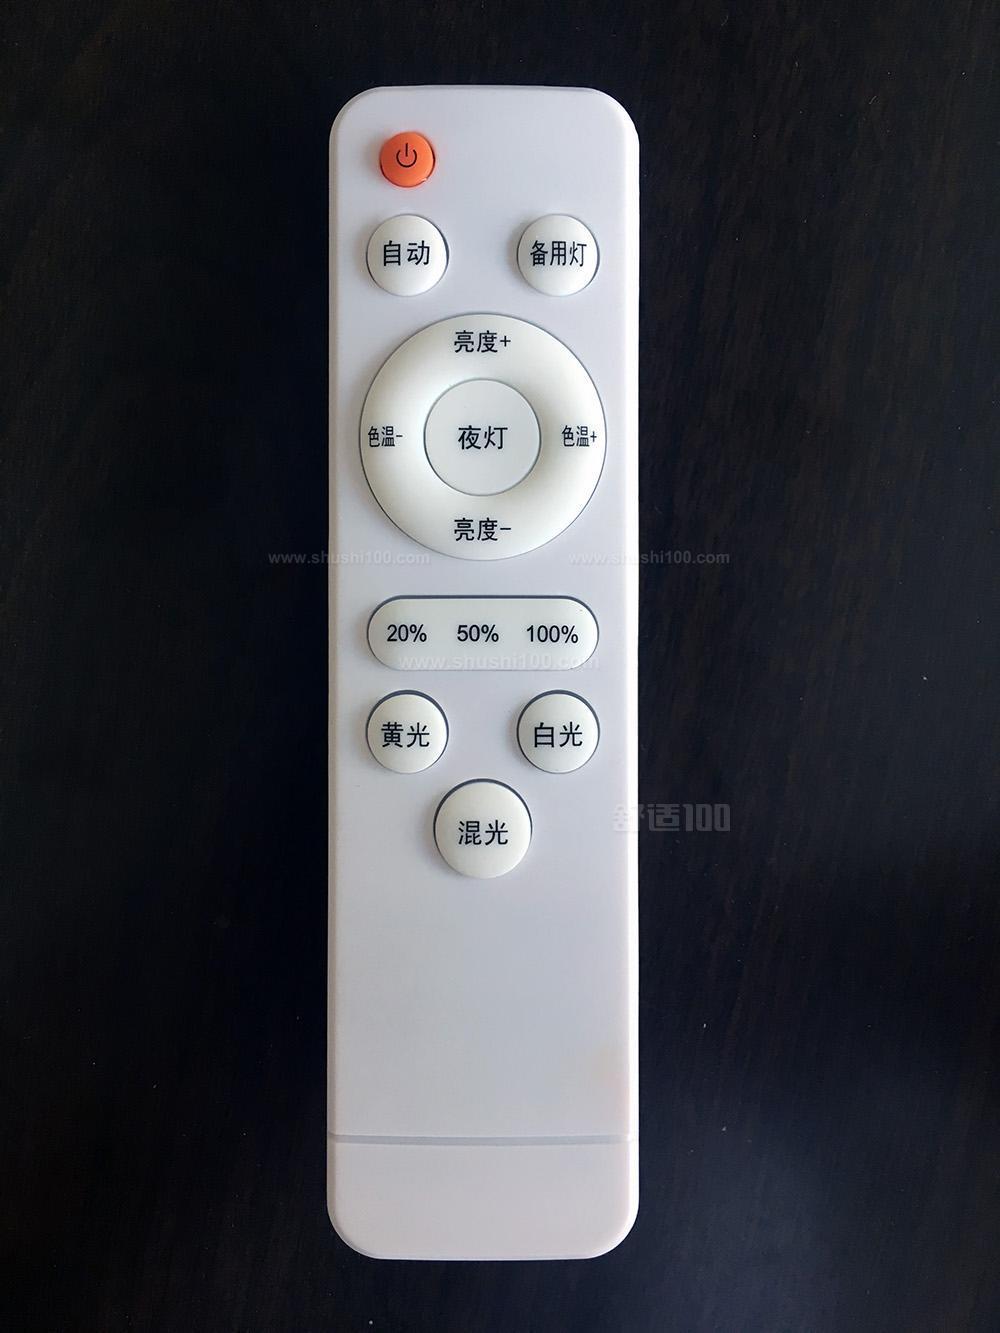 惠而浦空调遥控器